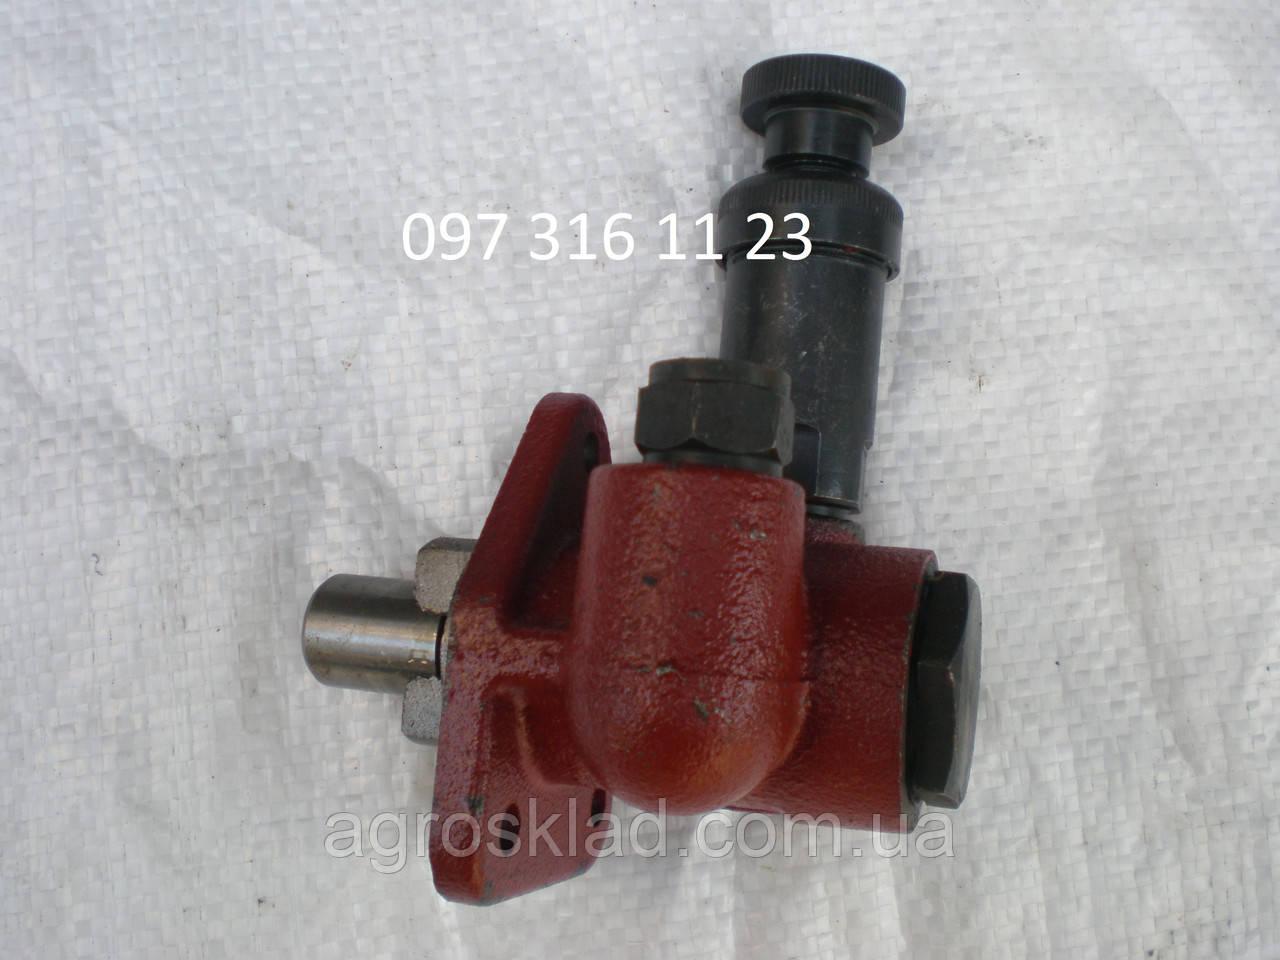 Топливоподкачивающий насос МТЗ, ЮМЗ, Т-40